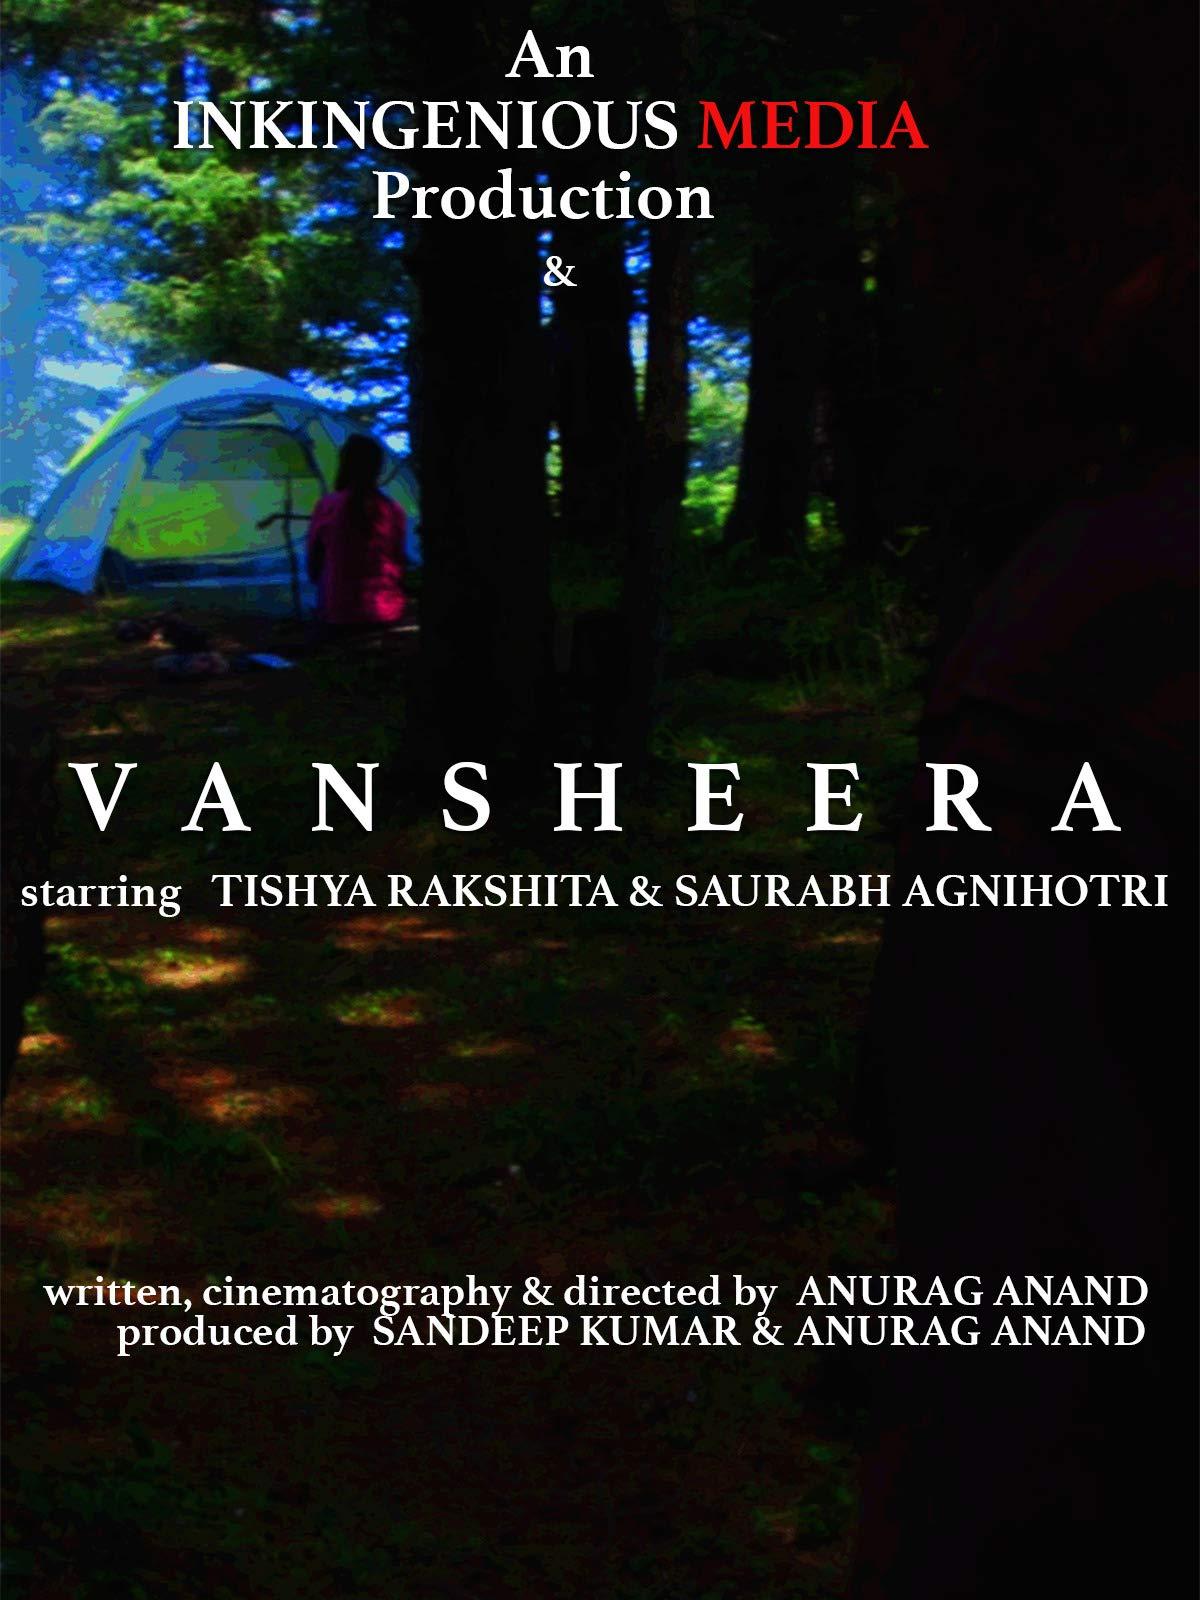 Vansheera